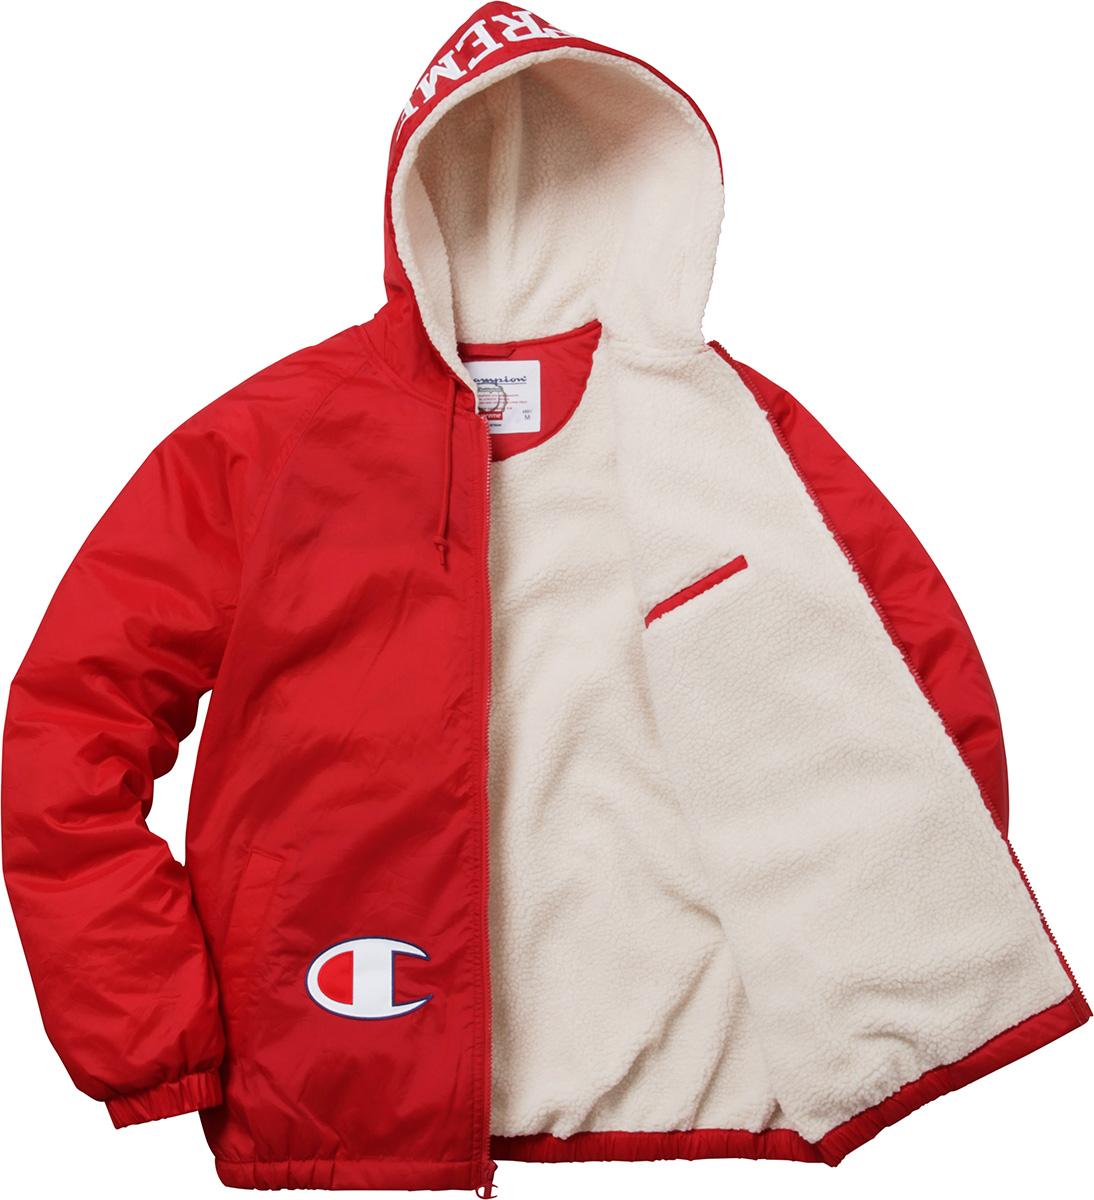 d5c5ed65a241 Supreme Supreme X Champion Sherpa Jacket Size L